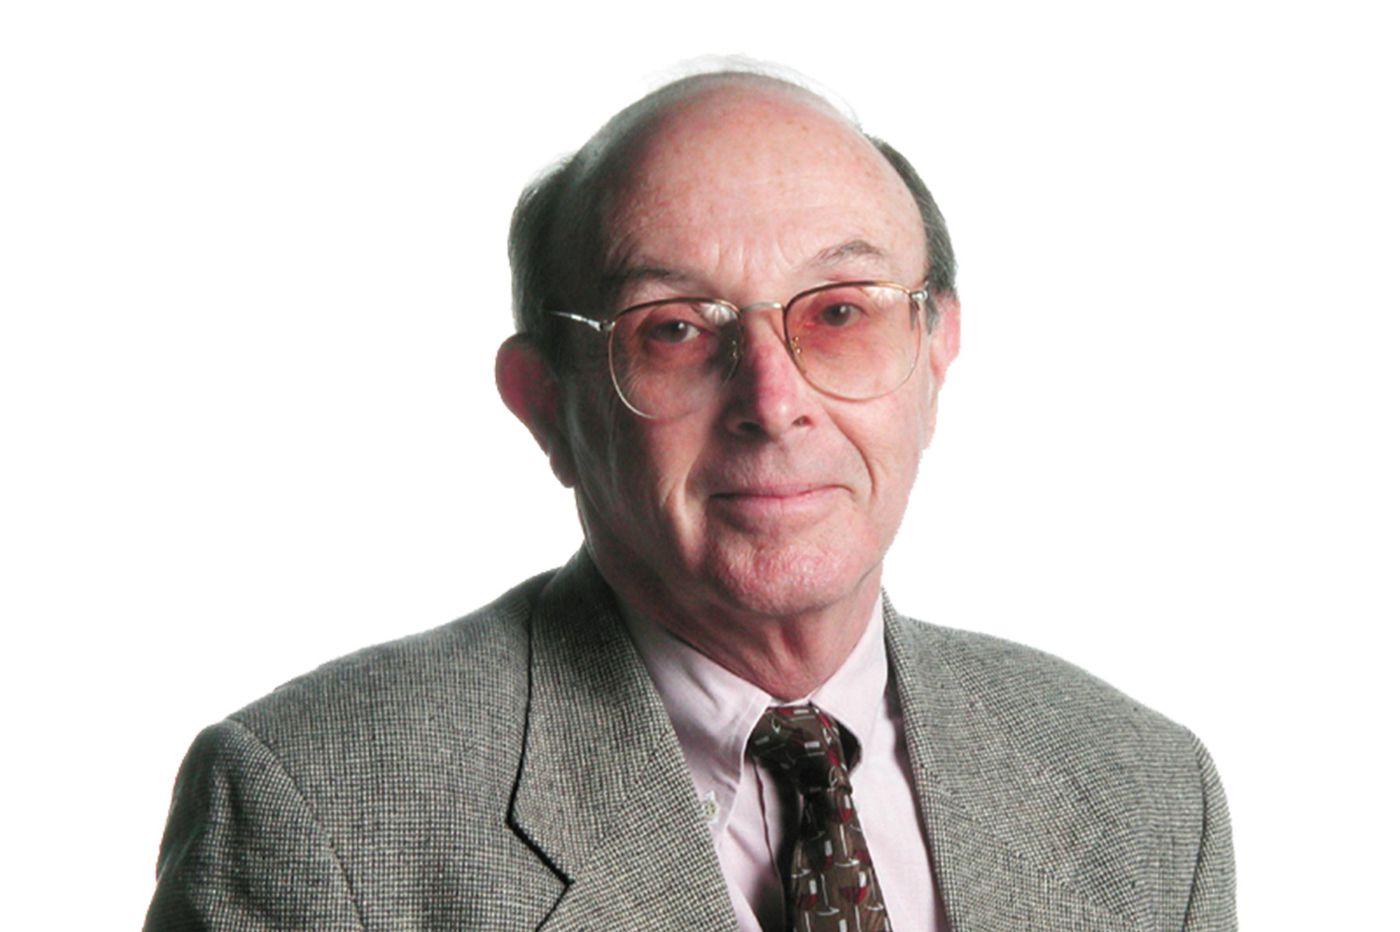 Friends remember Daily News writer Bill Fleischman